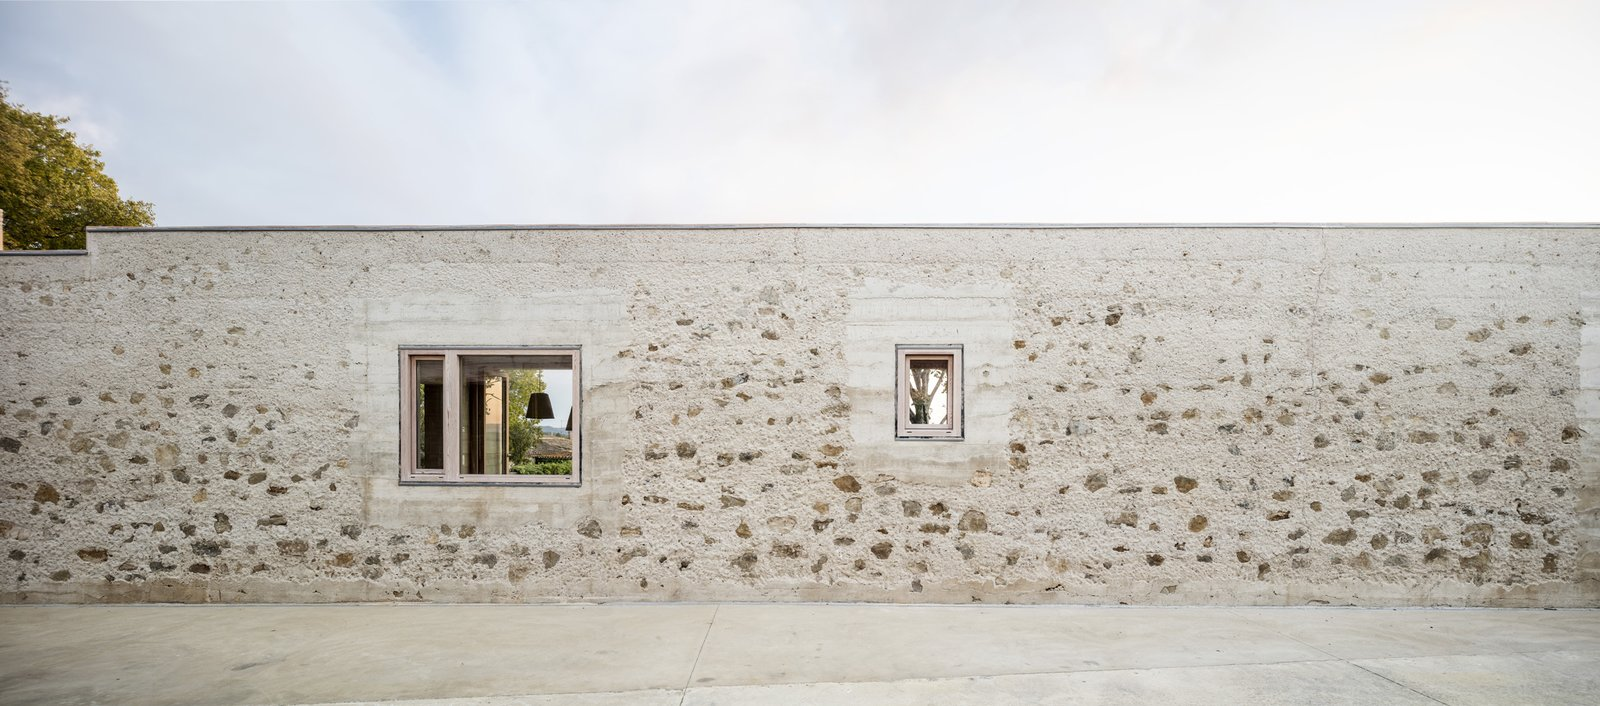 1413 House facade